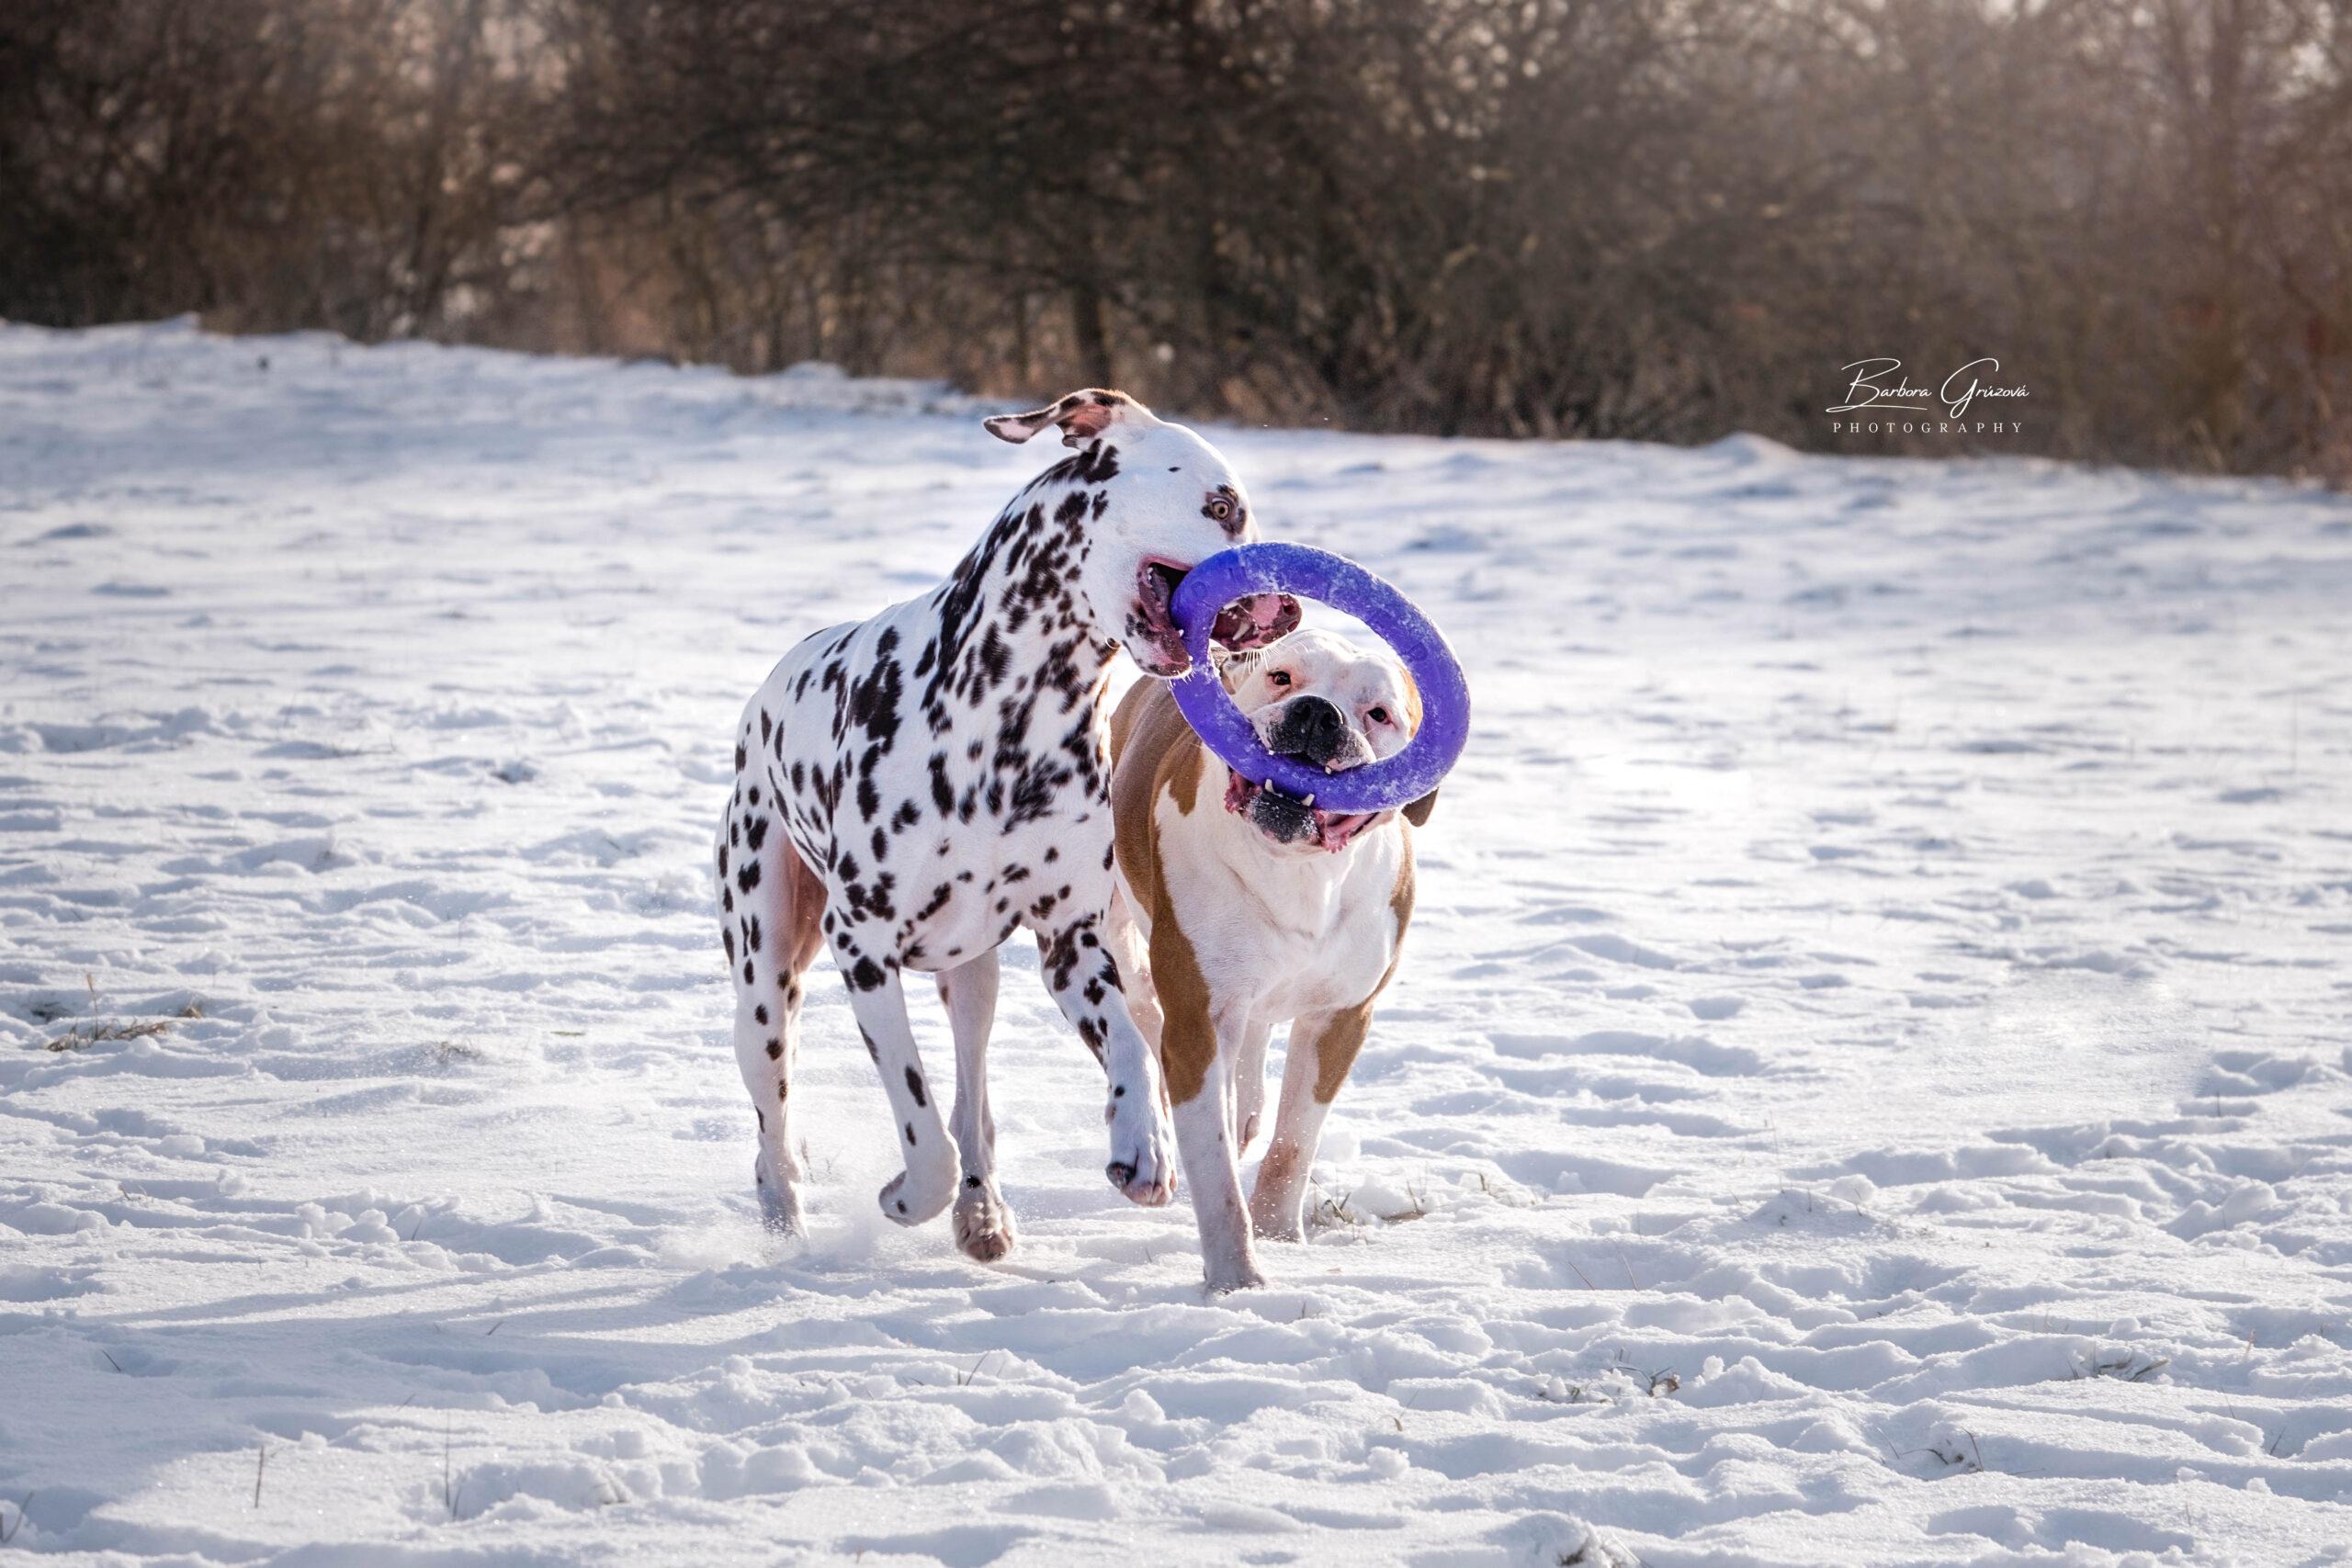 Pes zákus loveckého pudu puller hračka psa hra výcvik aportování jak naučit rebeldog